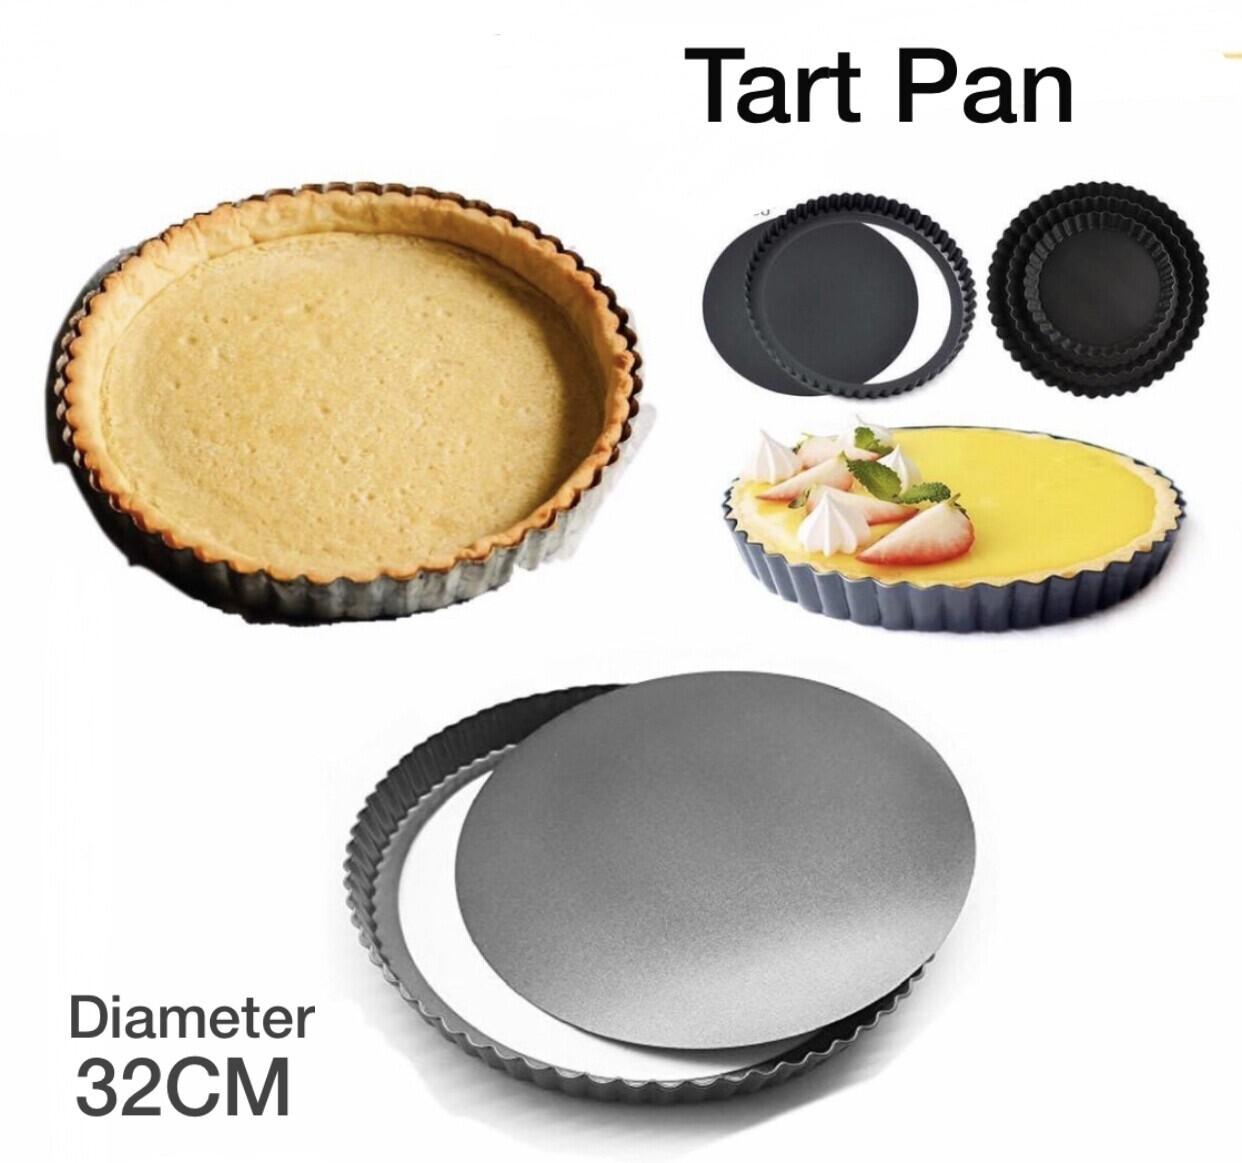 Tart Pan 32cm